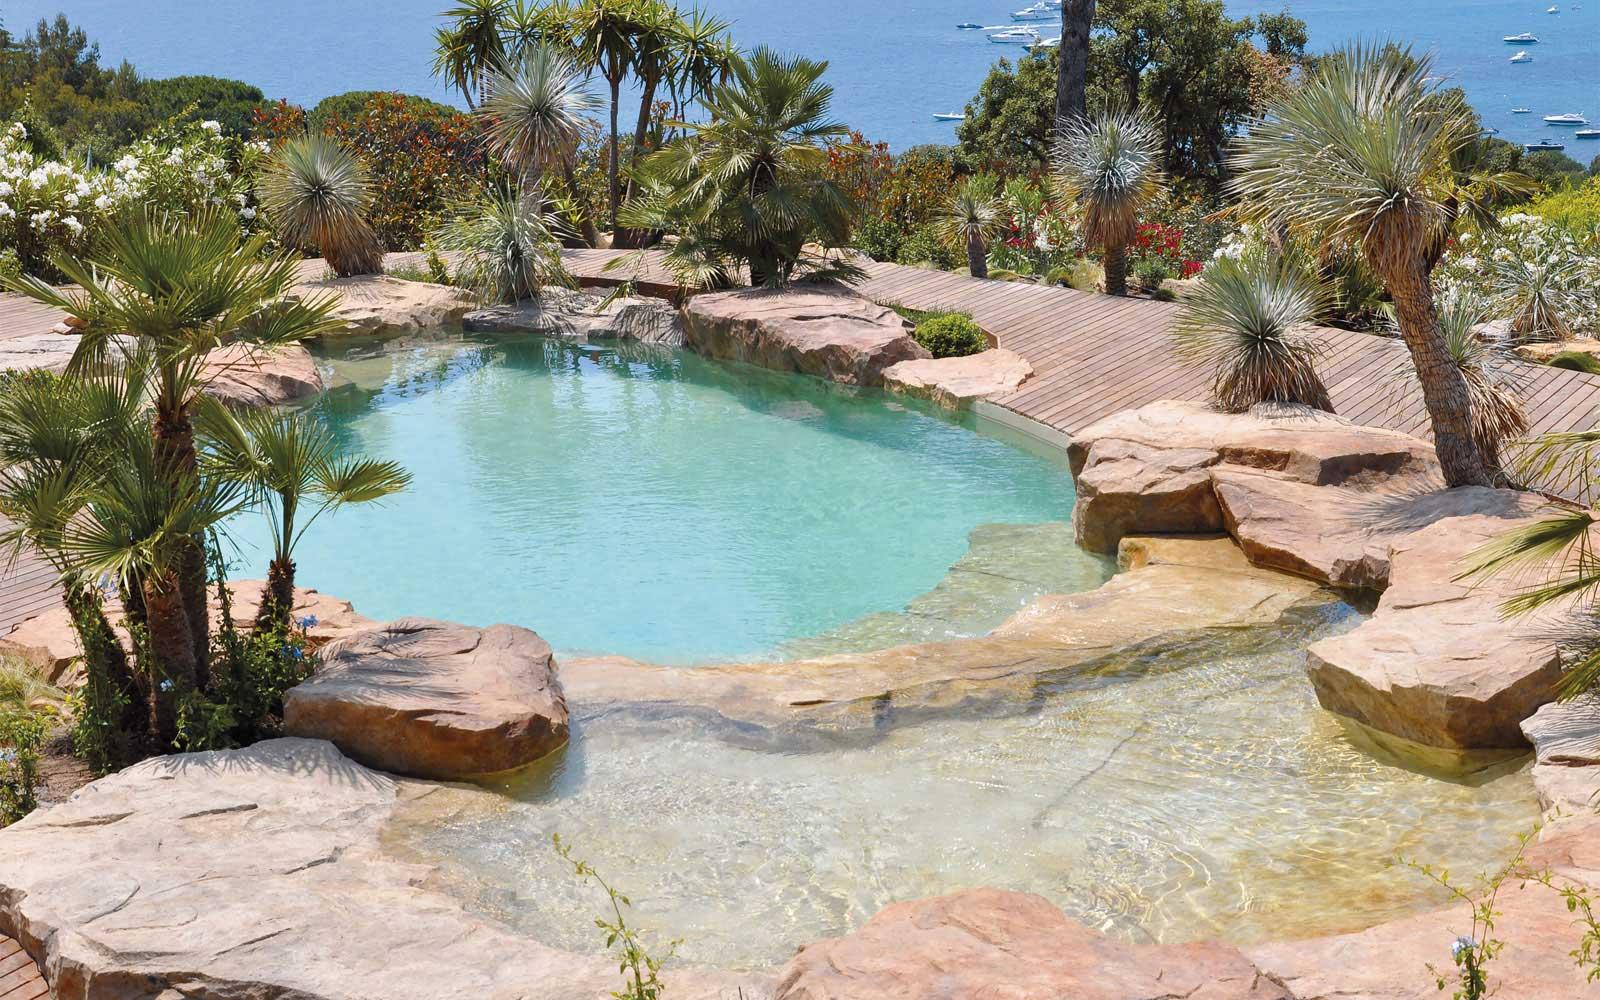 Pool hewn out of rock, Saint-Tropez